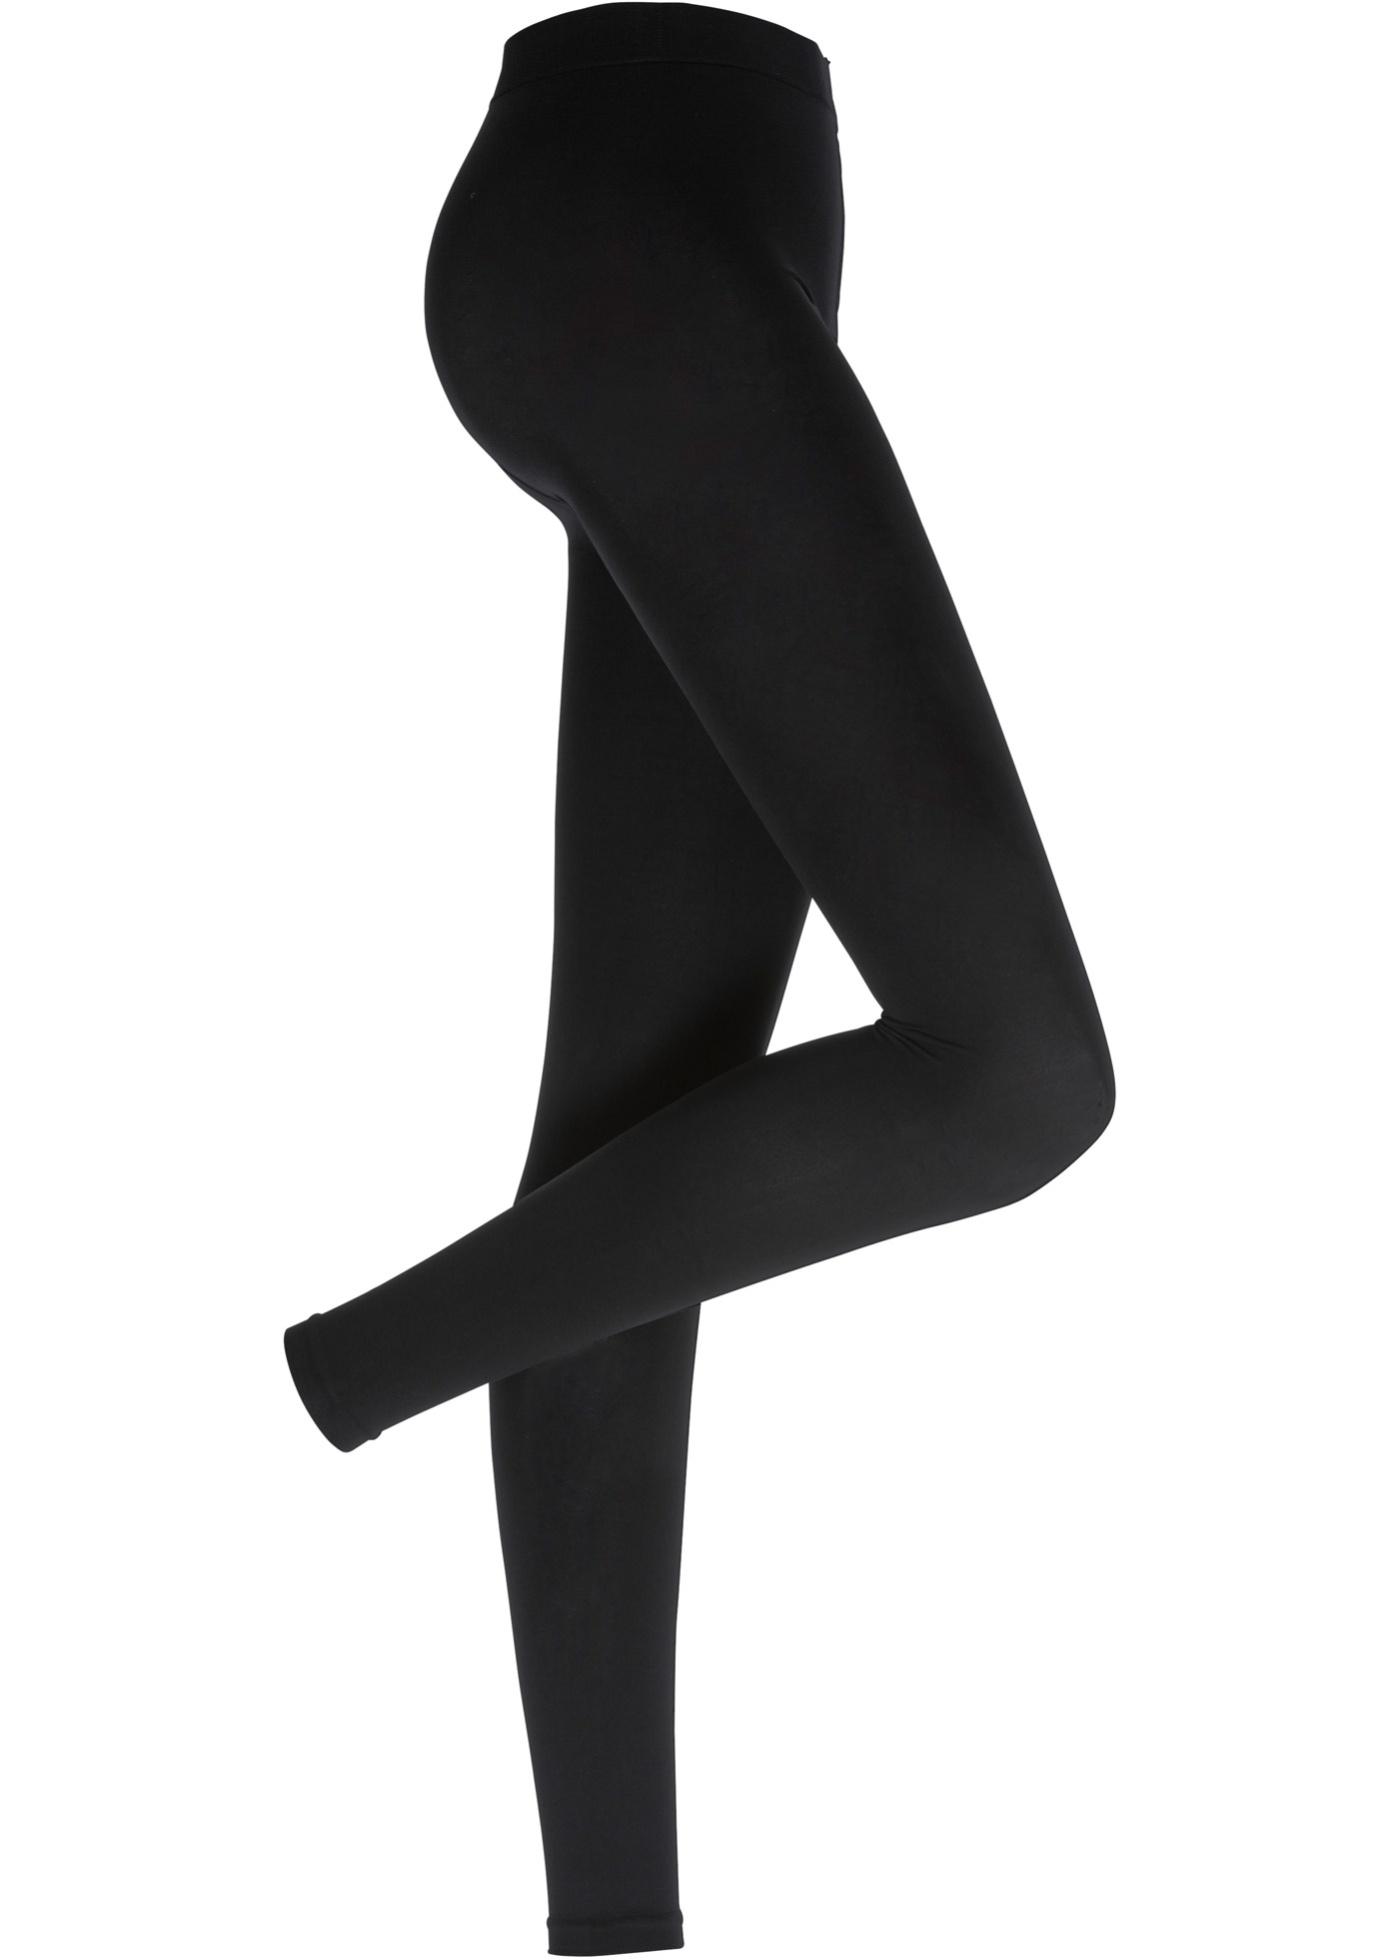 Opaque Pour Noir Femme CollectionLegging Bpc Bonprix 100den 7f6gyYb